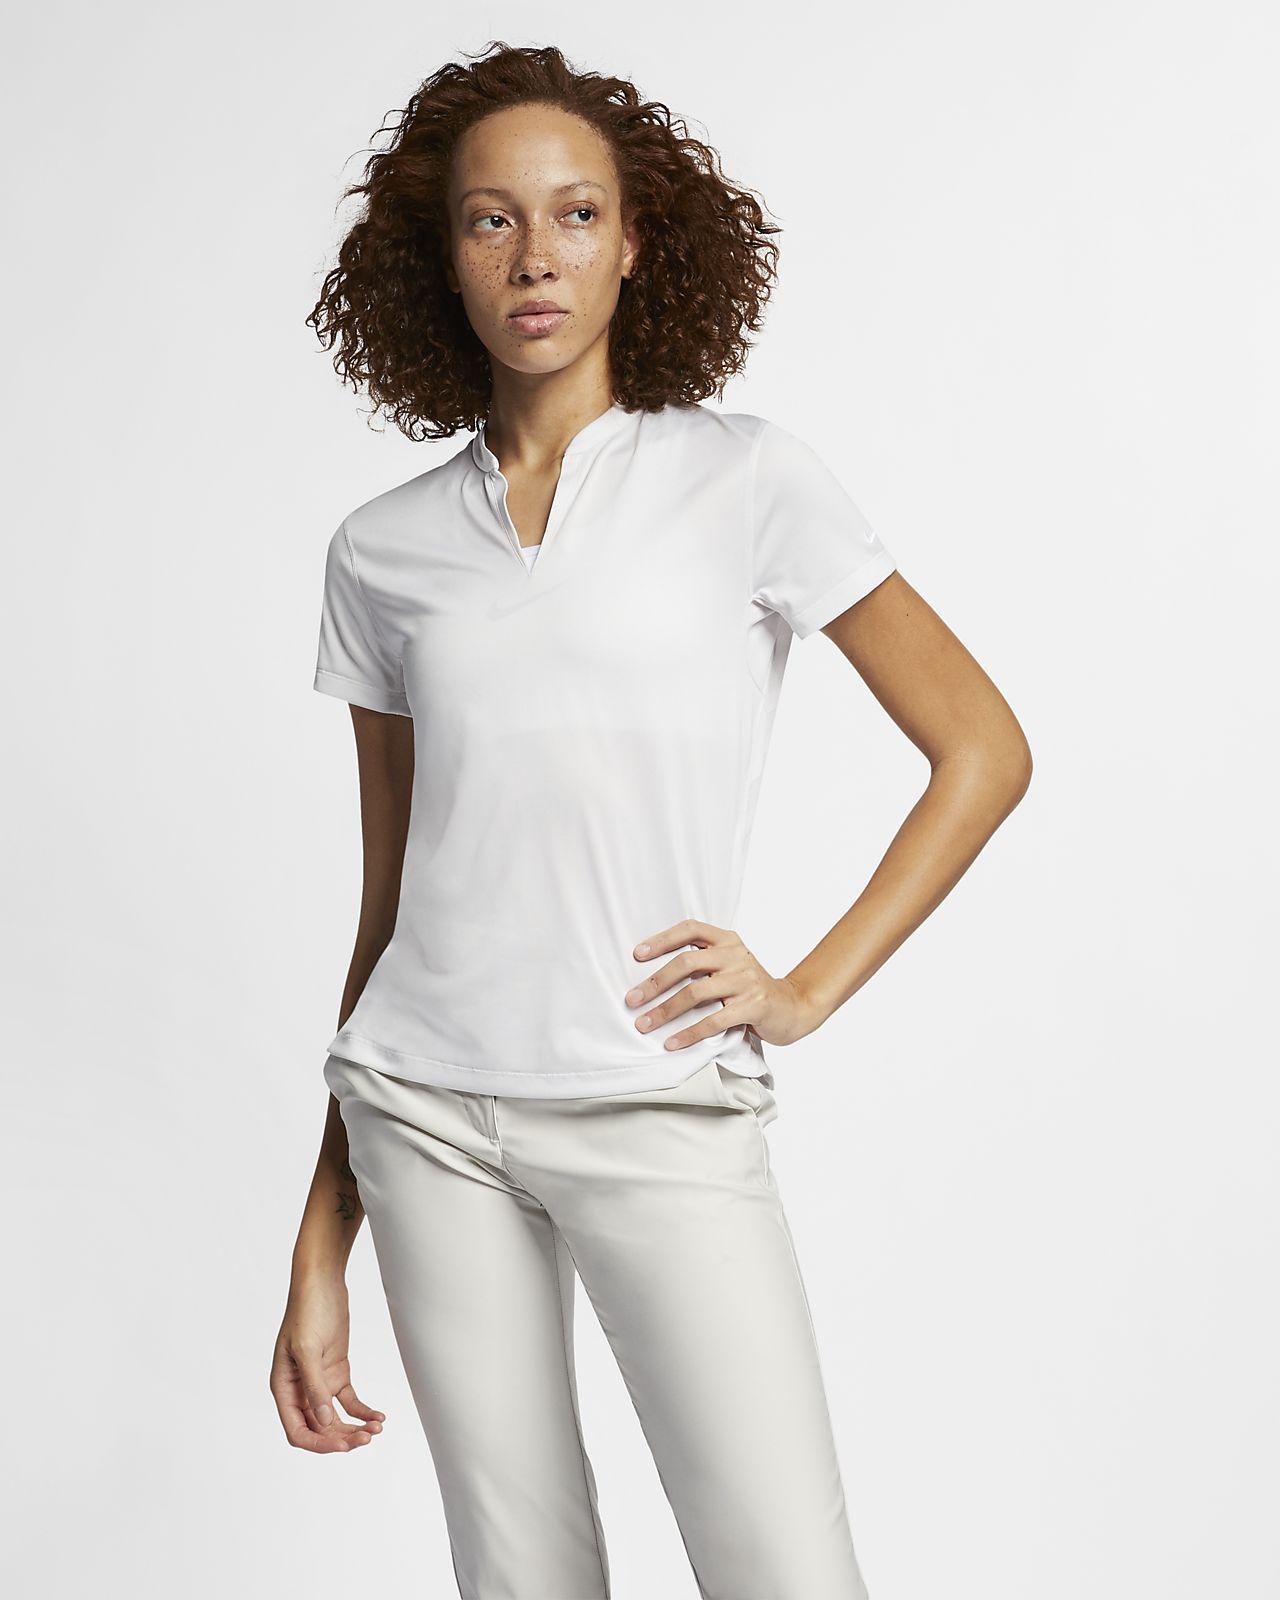 Женская рубашка-поло для гольфа Nike TechKnit Cool